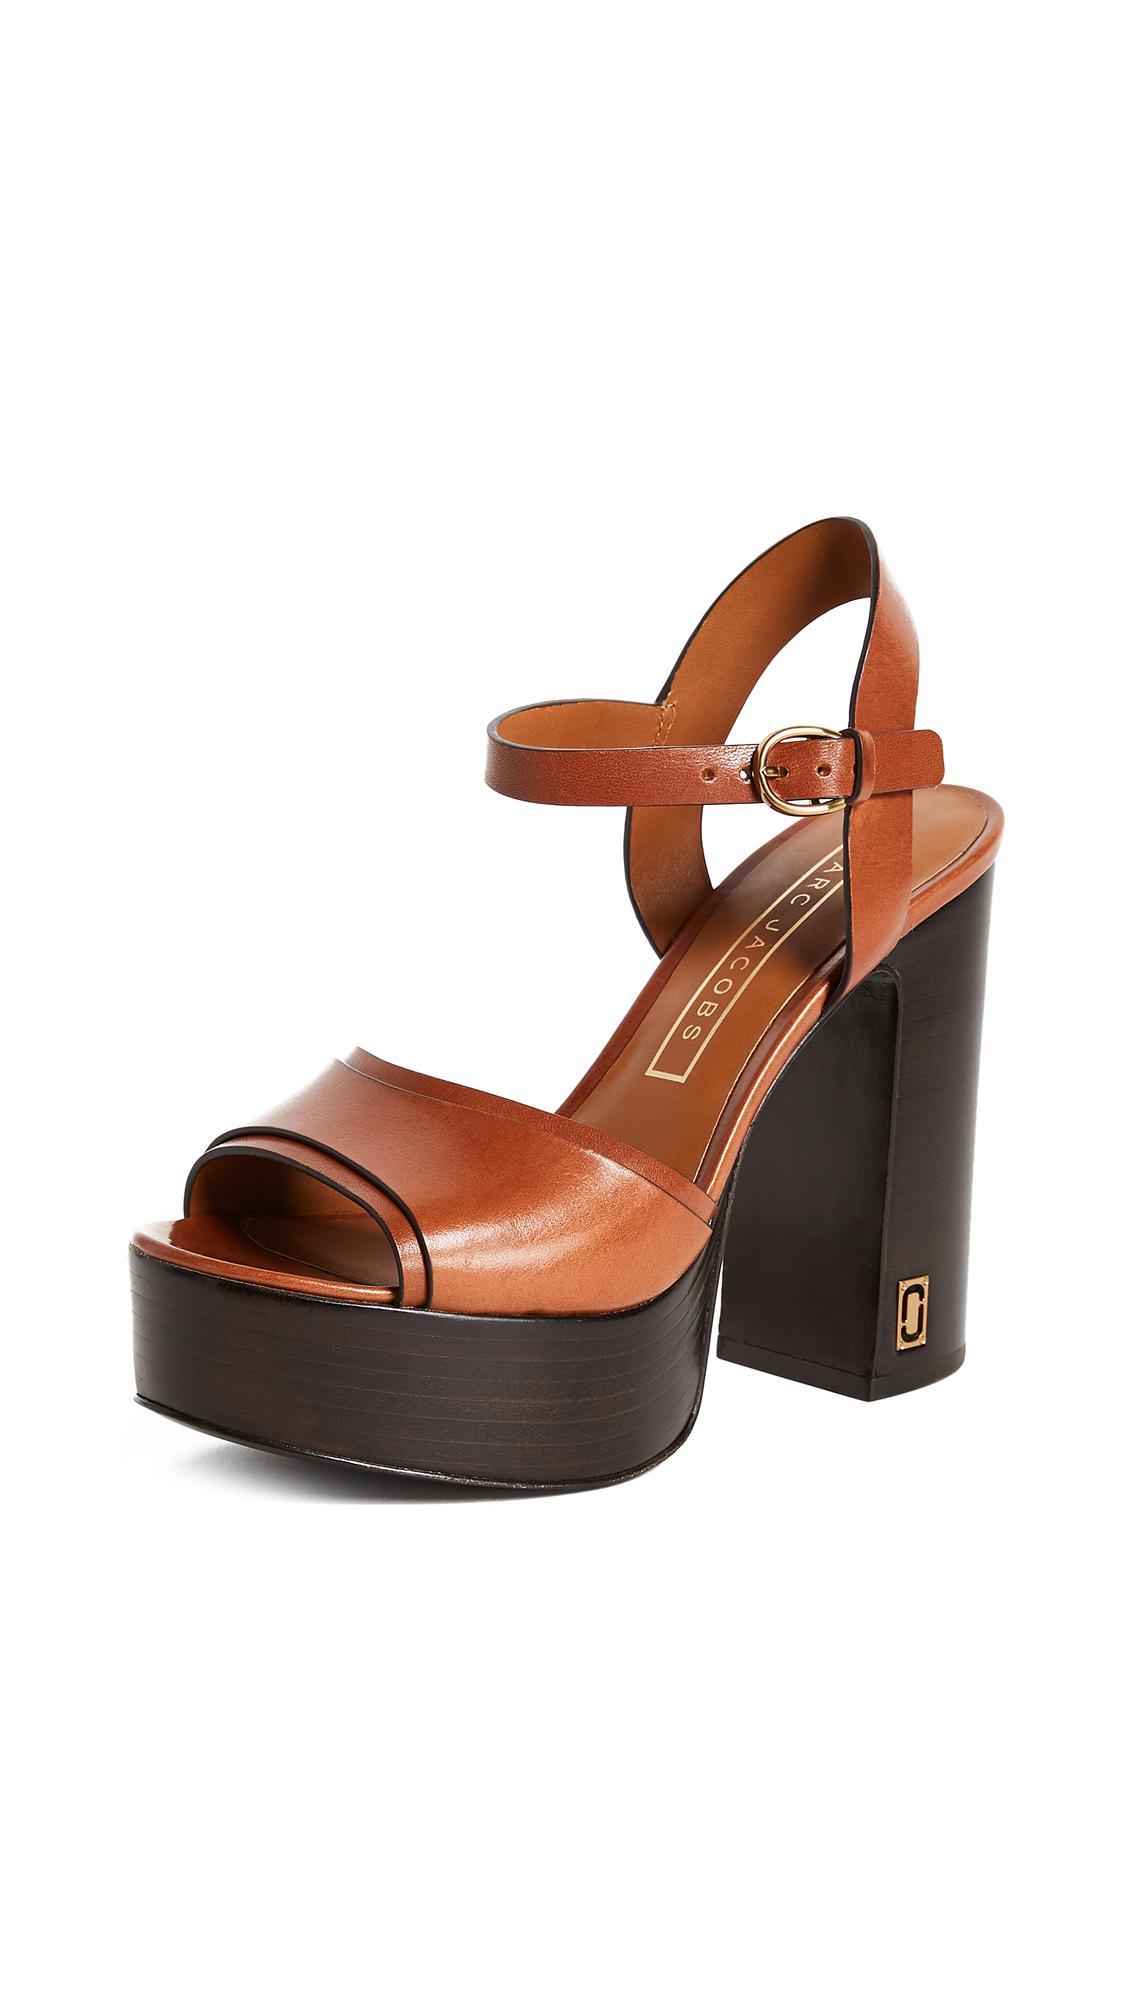 9b4f1b9453b6 Marc Jacobs Lust Status Platform Sandals - Lyst